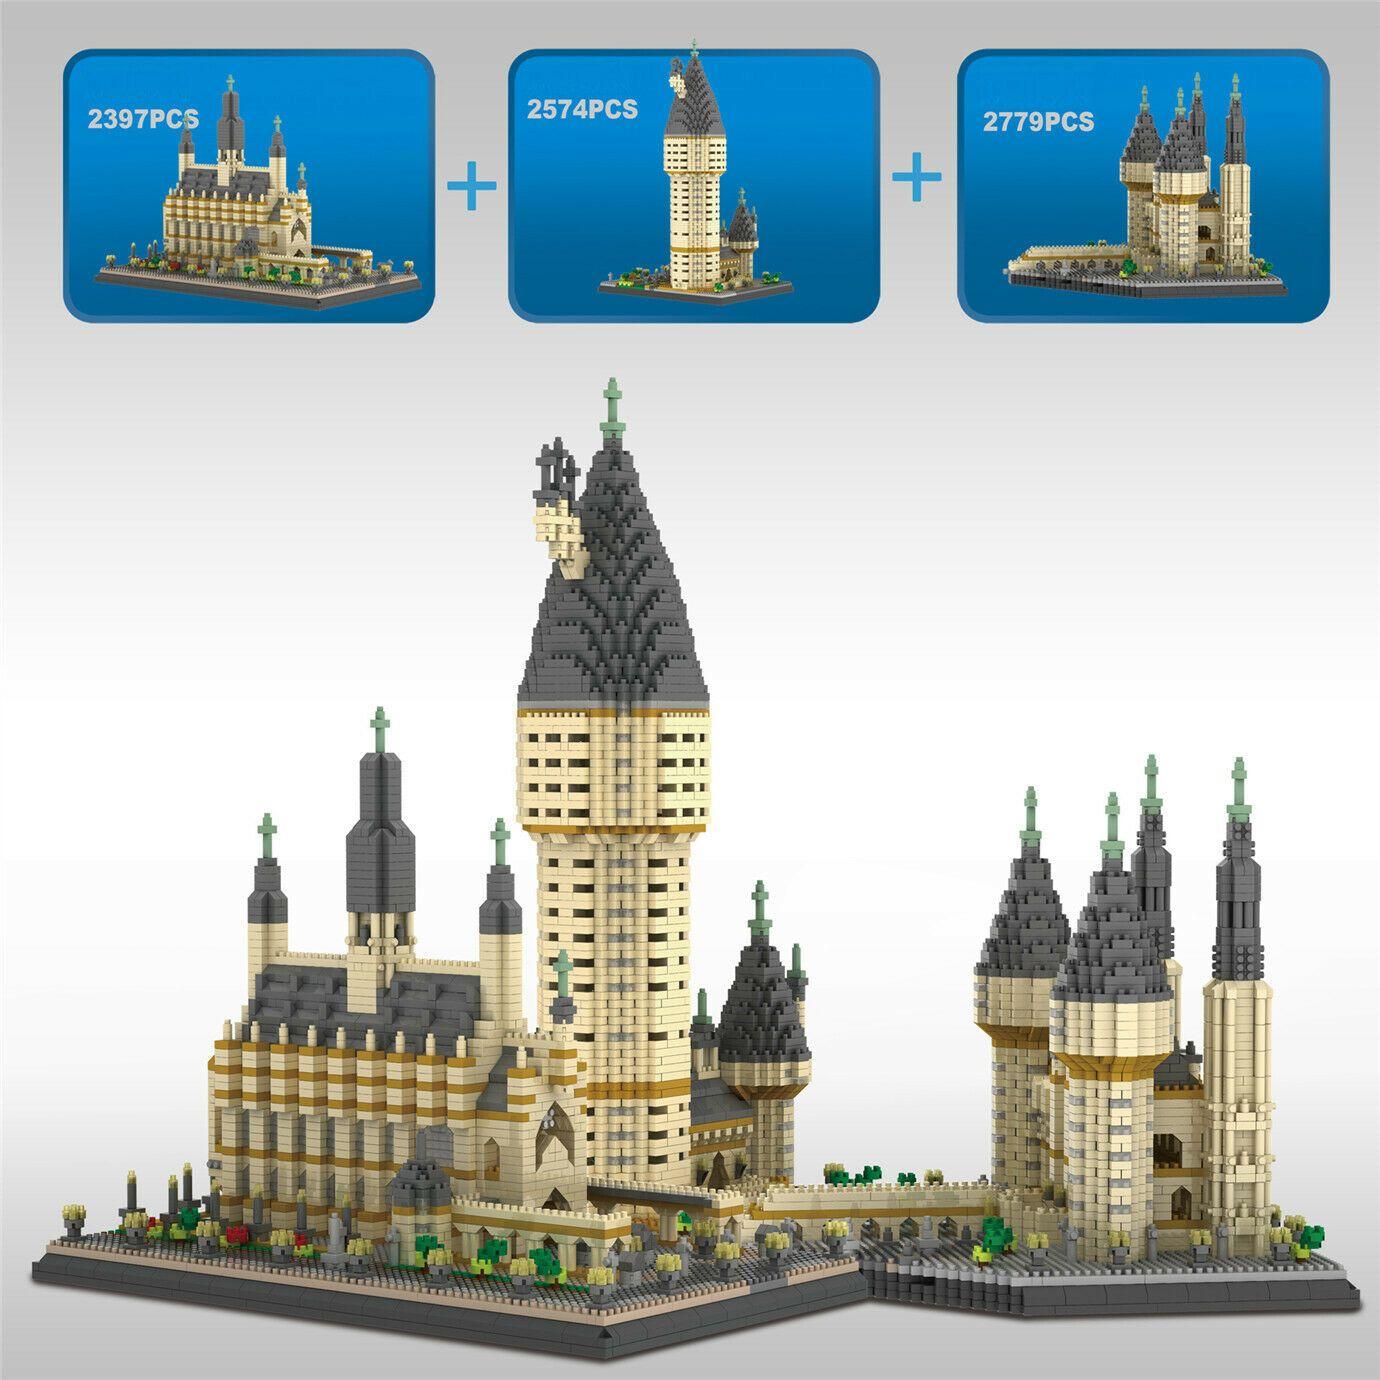 Kits modelo 7750 pcs hogwarts castelo harry potter blocos de construção diy brinquedos infantis